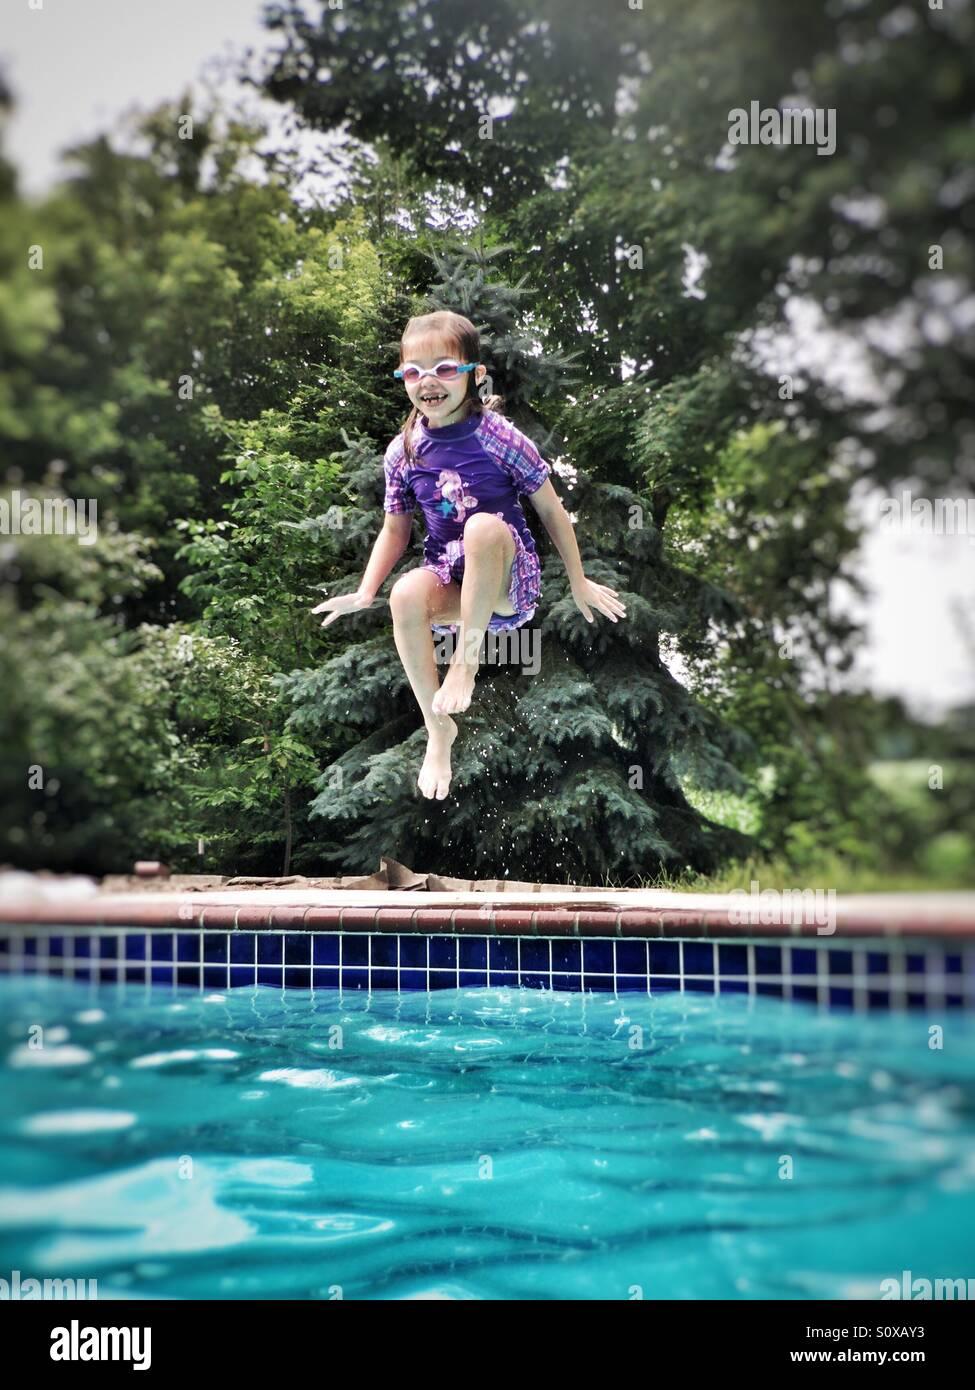 Ragazza di colore viola da indossare tuta e occhiali da nuoto salto in una piscina Immagini Stock